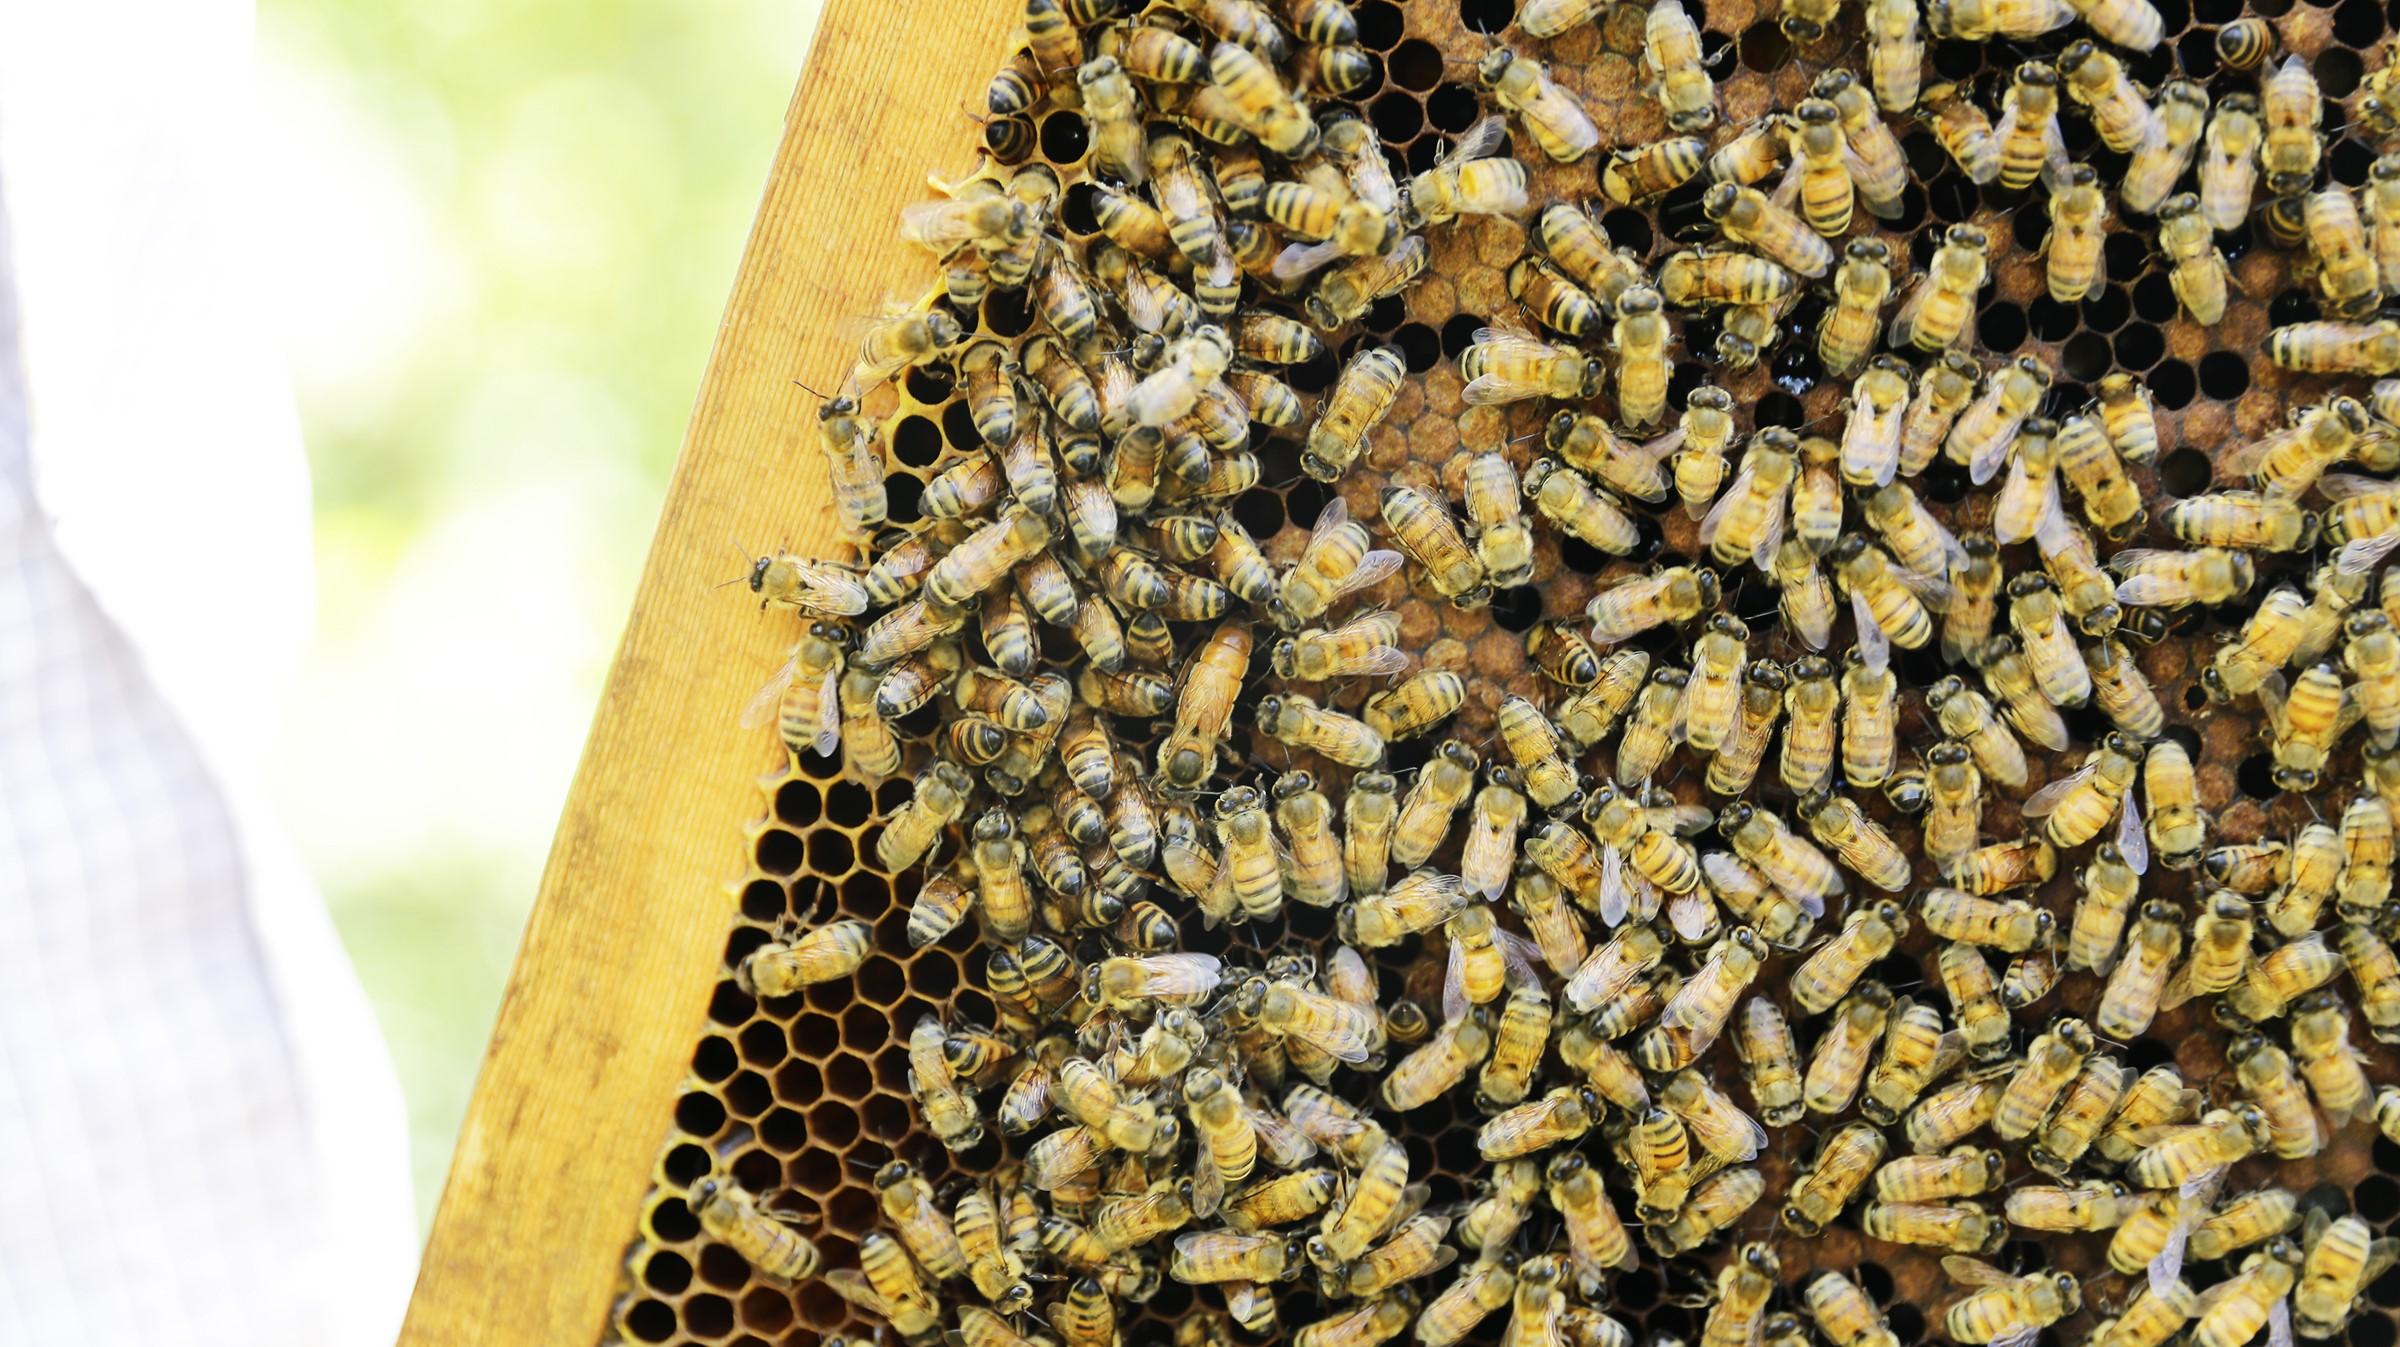 蜂樺蜂蜜每年固定做安心認證,保證推出的每款商品皆為百分百無添加、無農藥殘留,是優質的無毒蜂蜜。(圖/蜂樺蜂蜜提供)